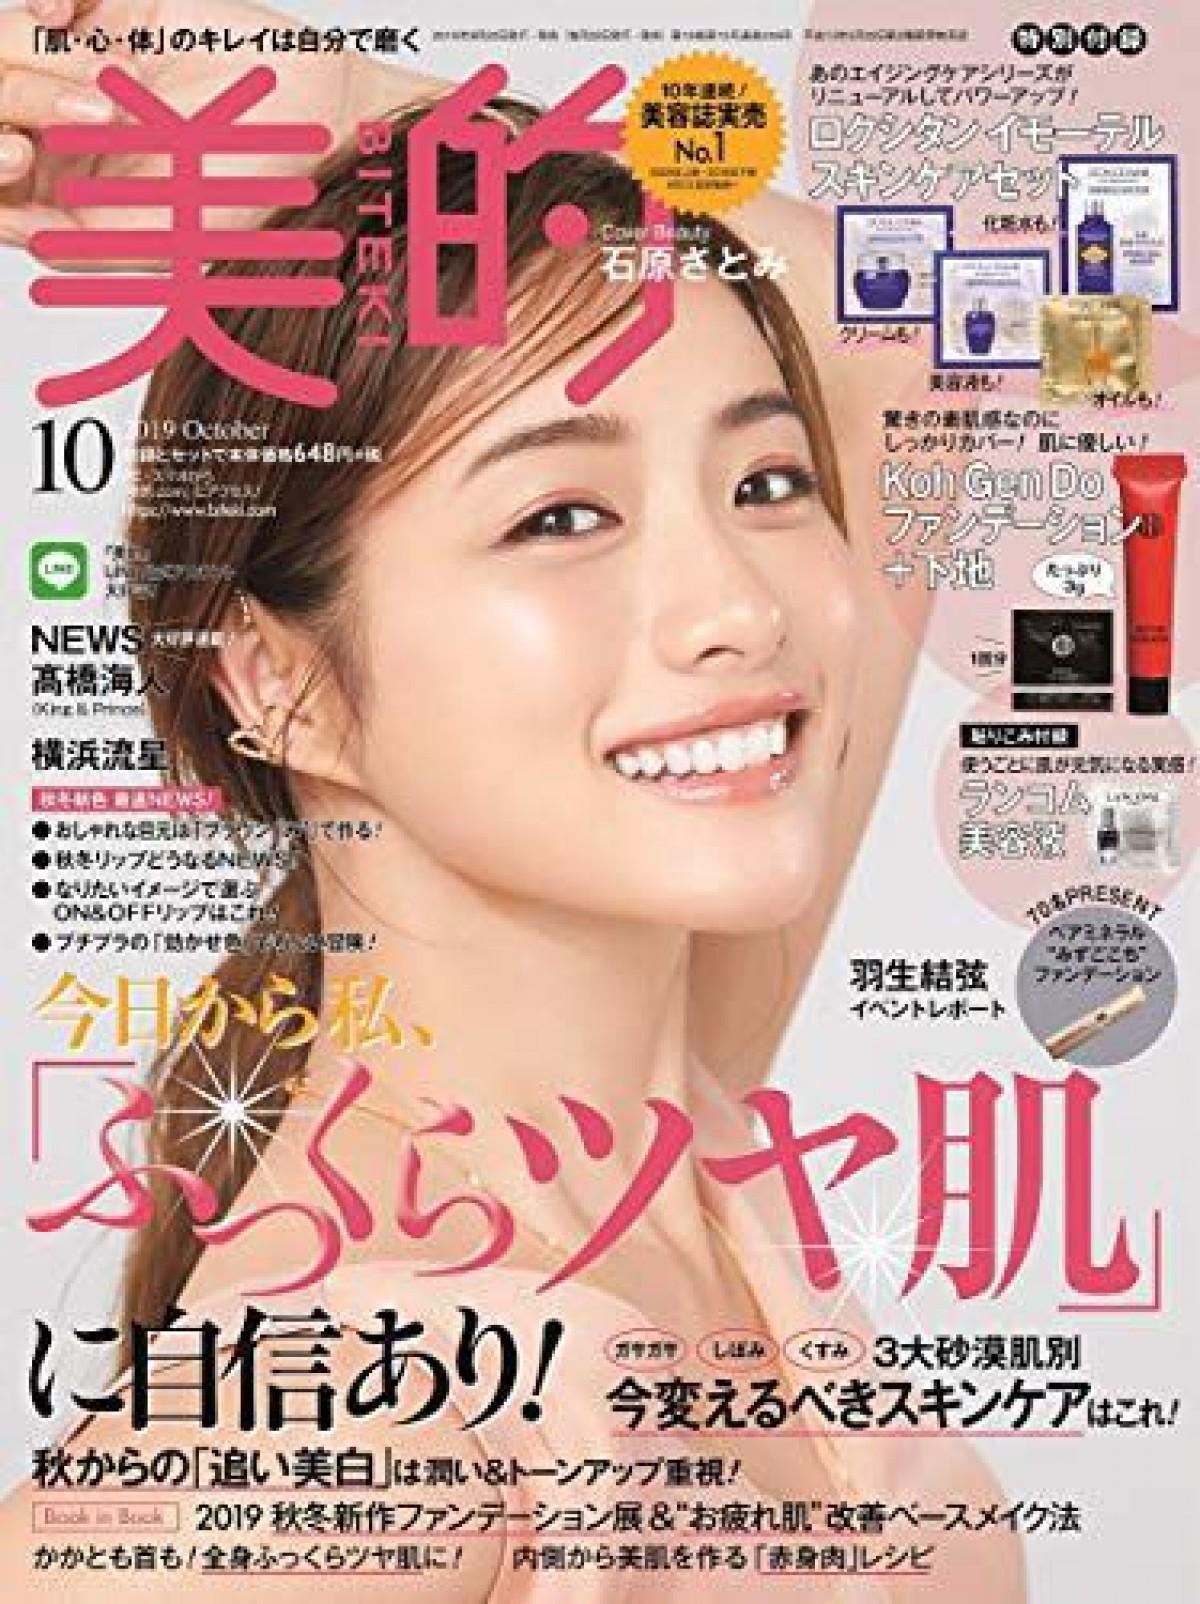 欲しい〜豪華コスメが続々♡10月号雑誌付録がどれも楽しみ〜!